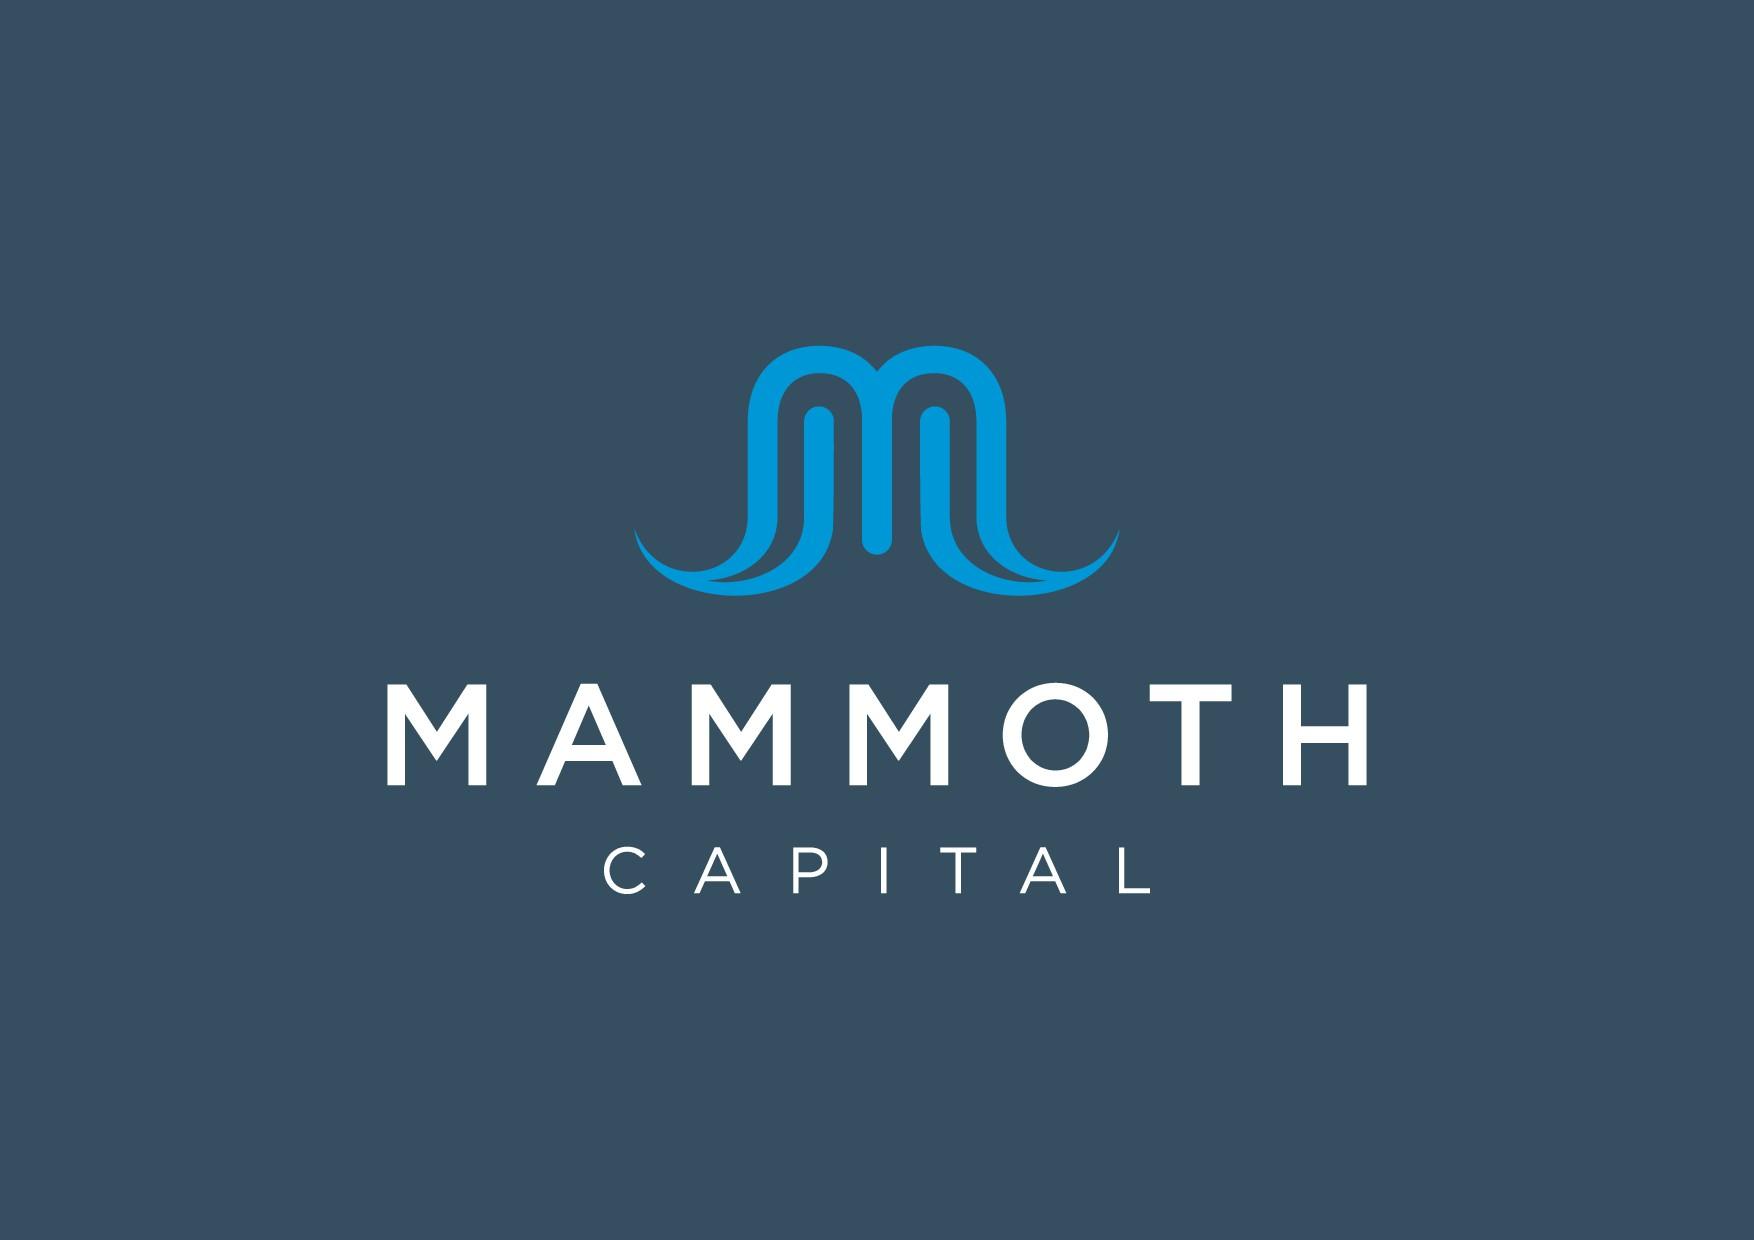 Company logo needed for finance company